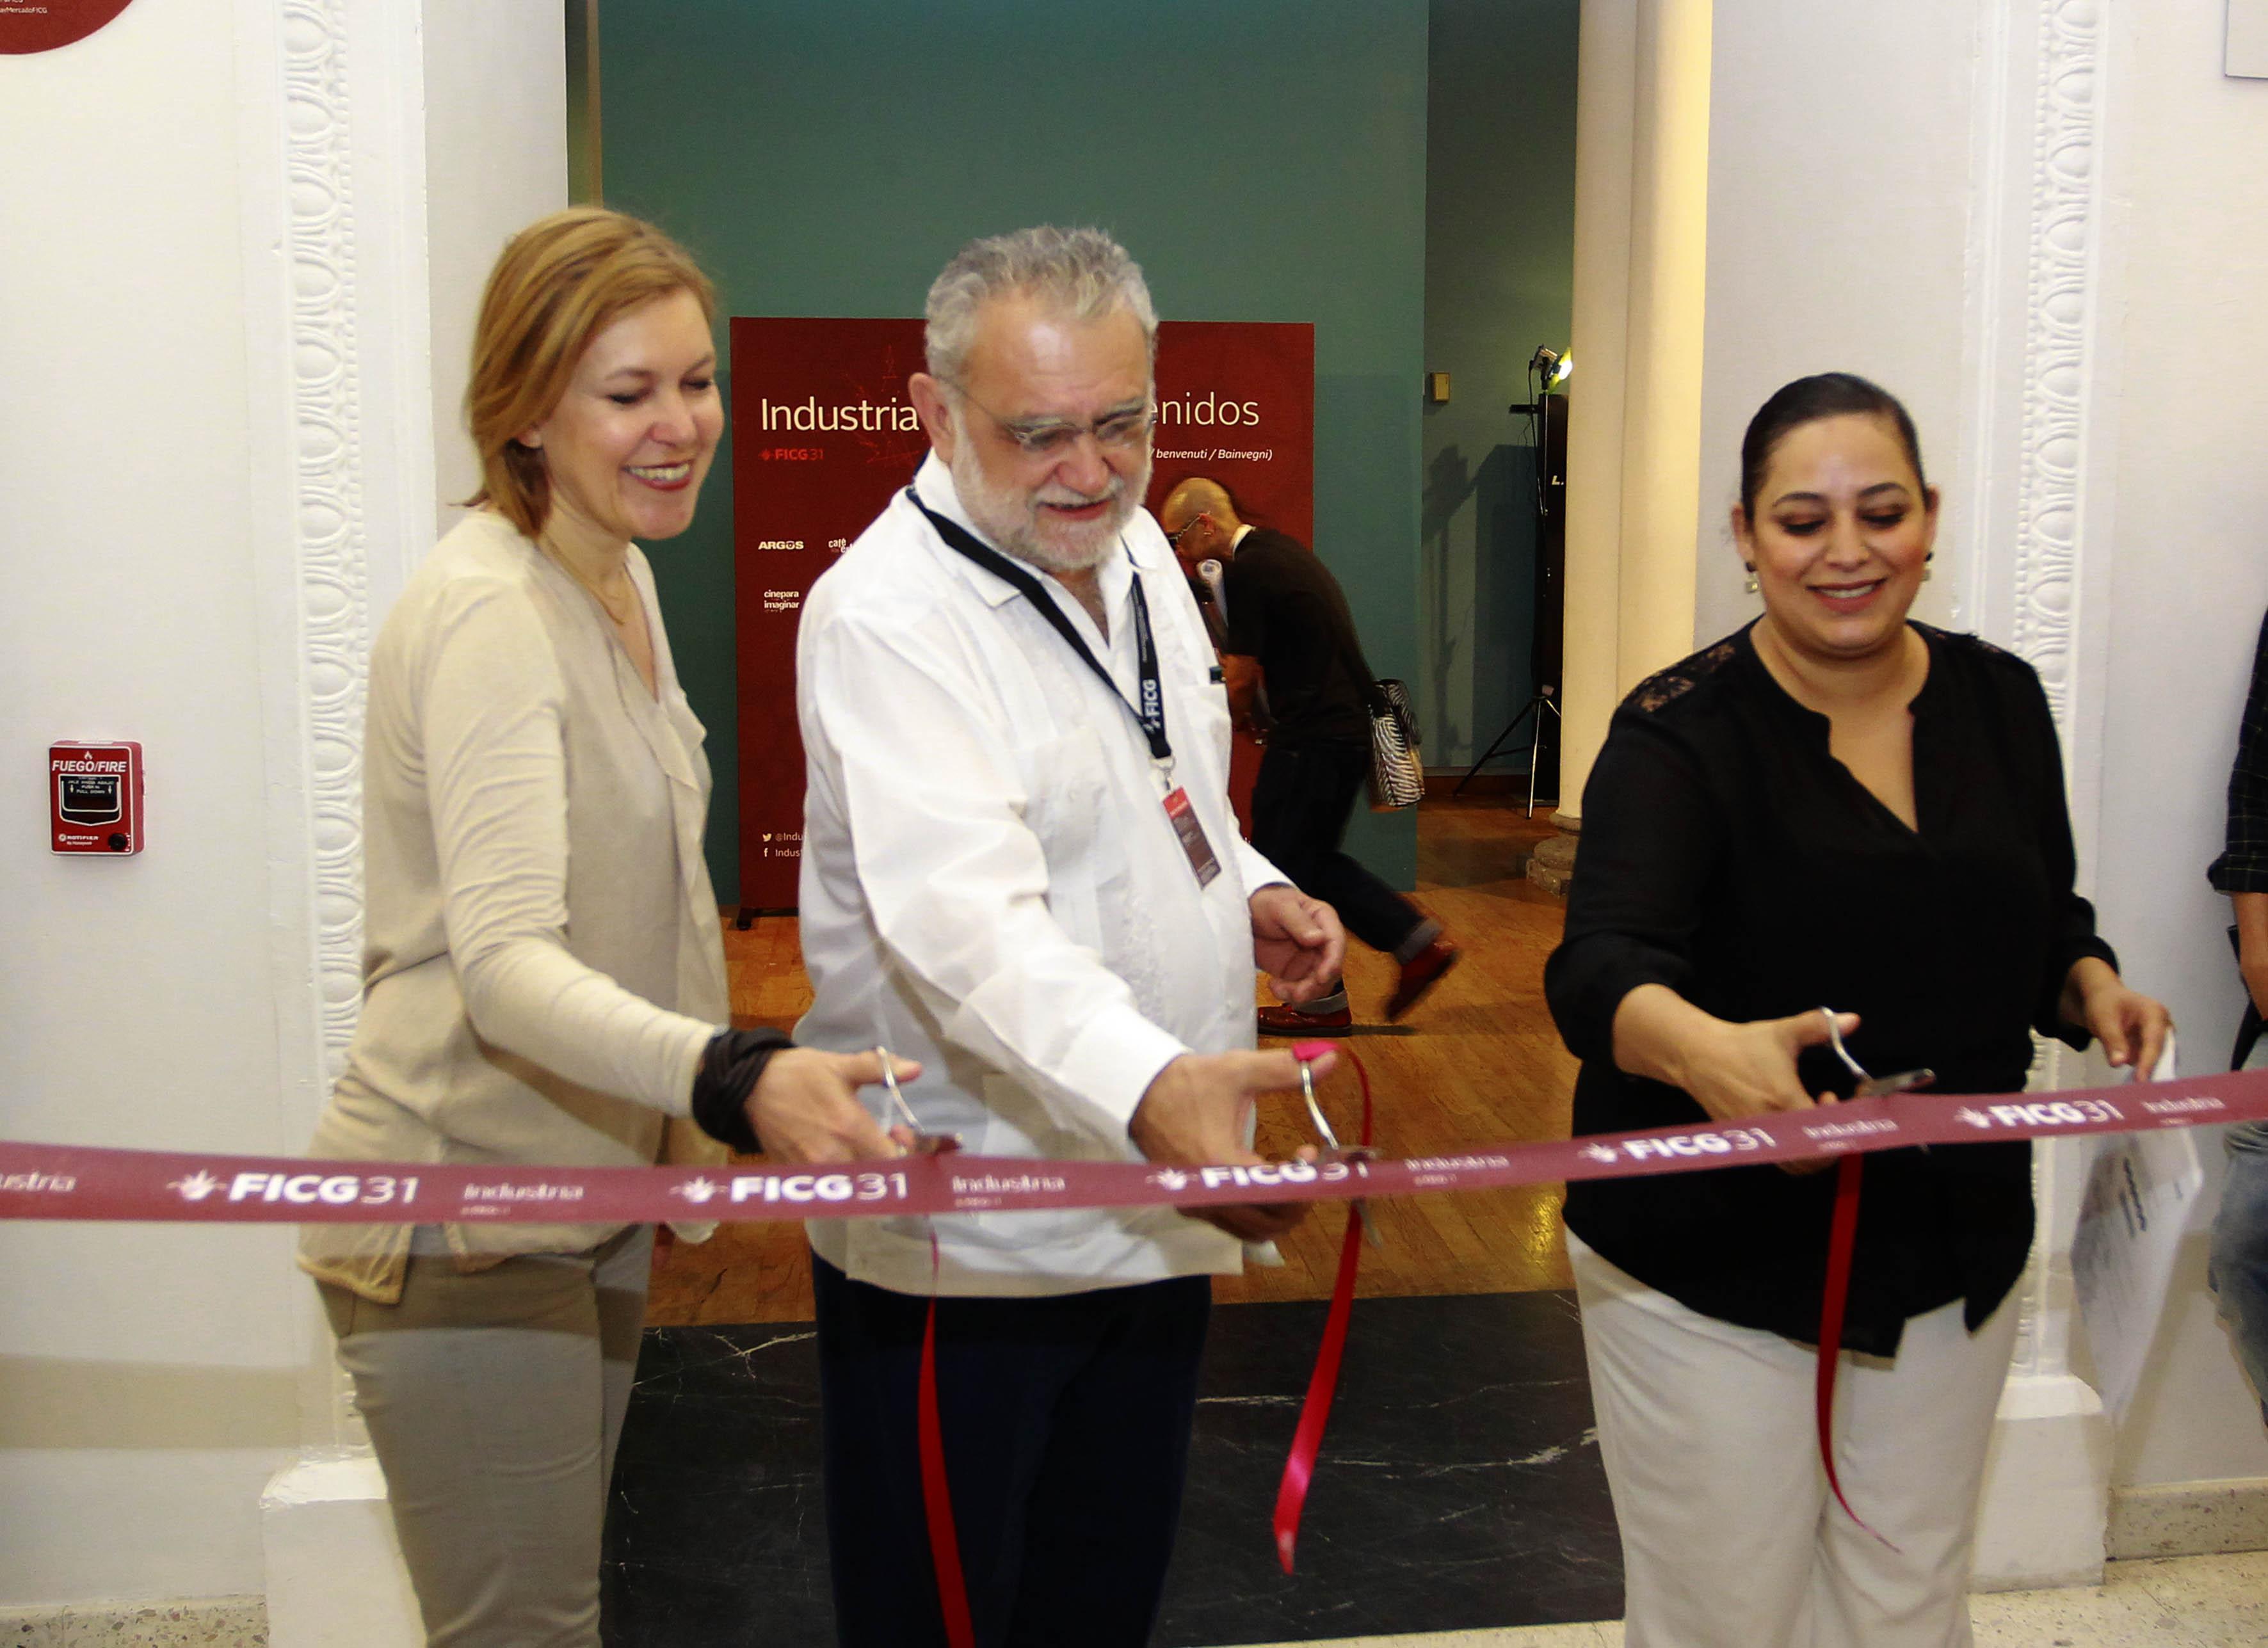 El director del FICG, biólogo Iván Trujillo  y la  managing director de Swiss Films, Catherine Ann Berger  cortando el listón en la inauguración del Mercado de Cine